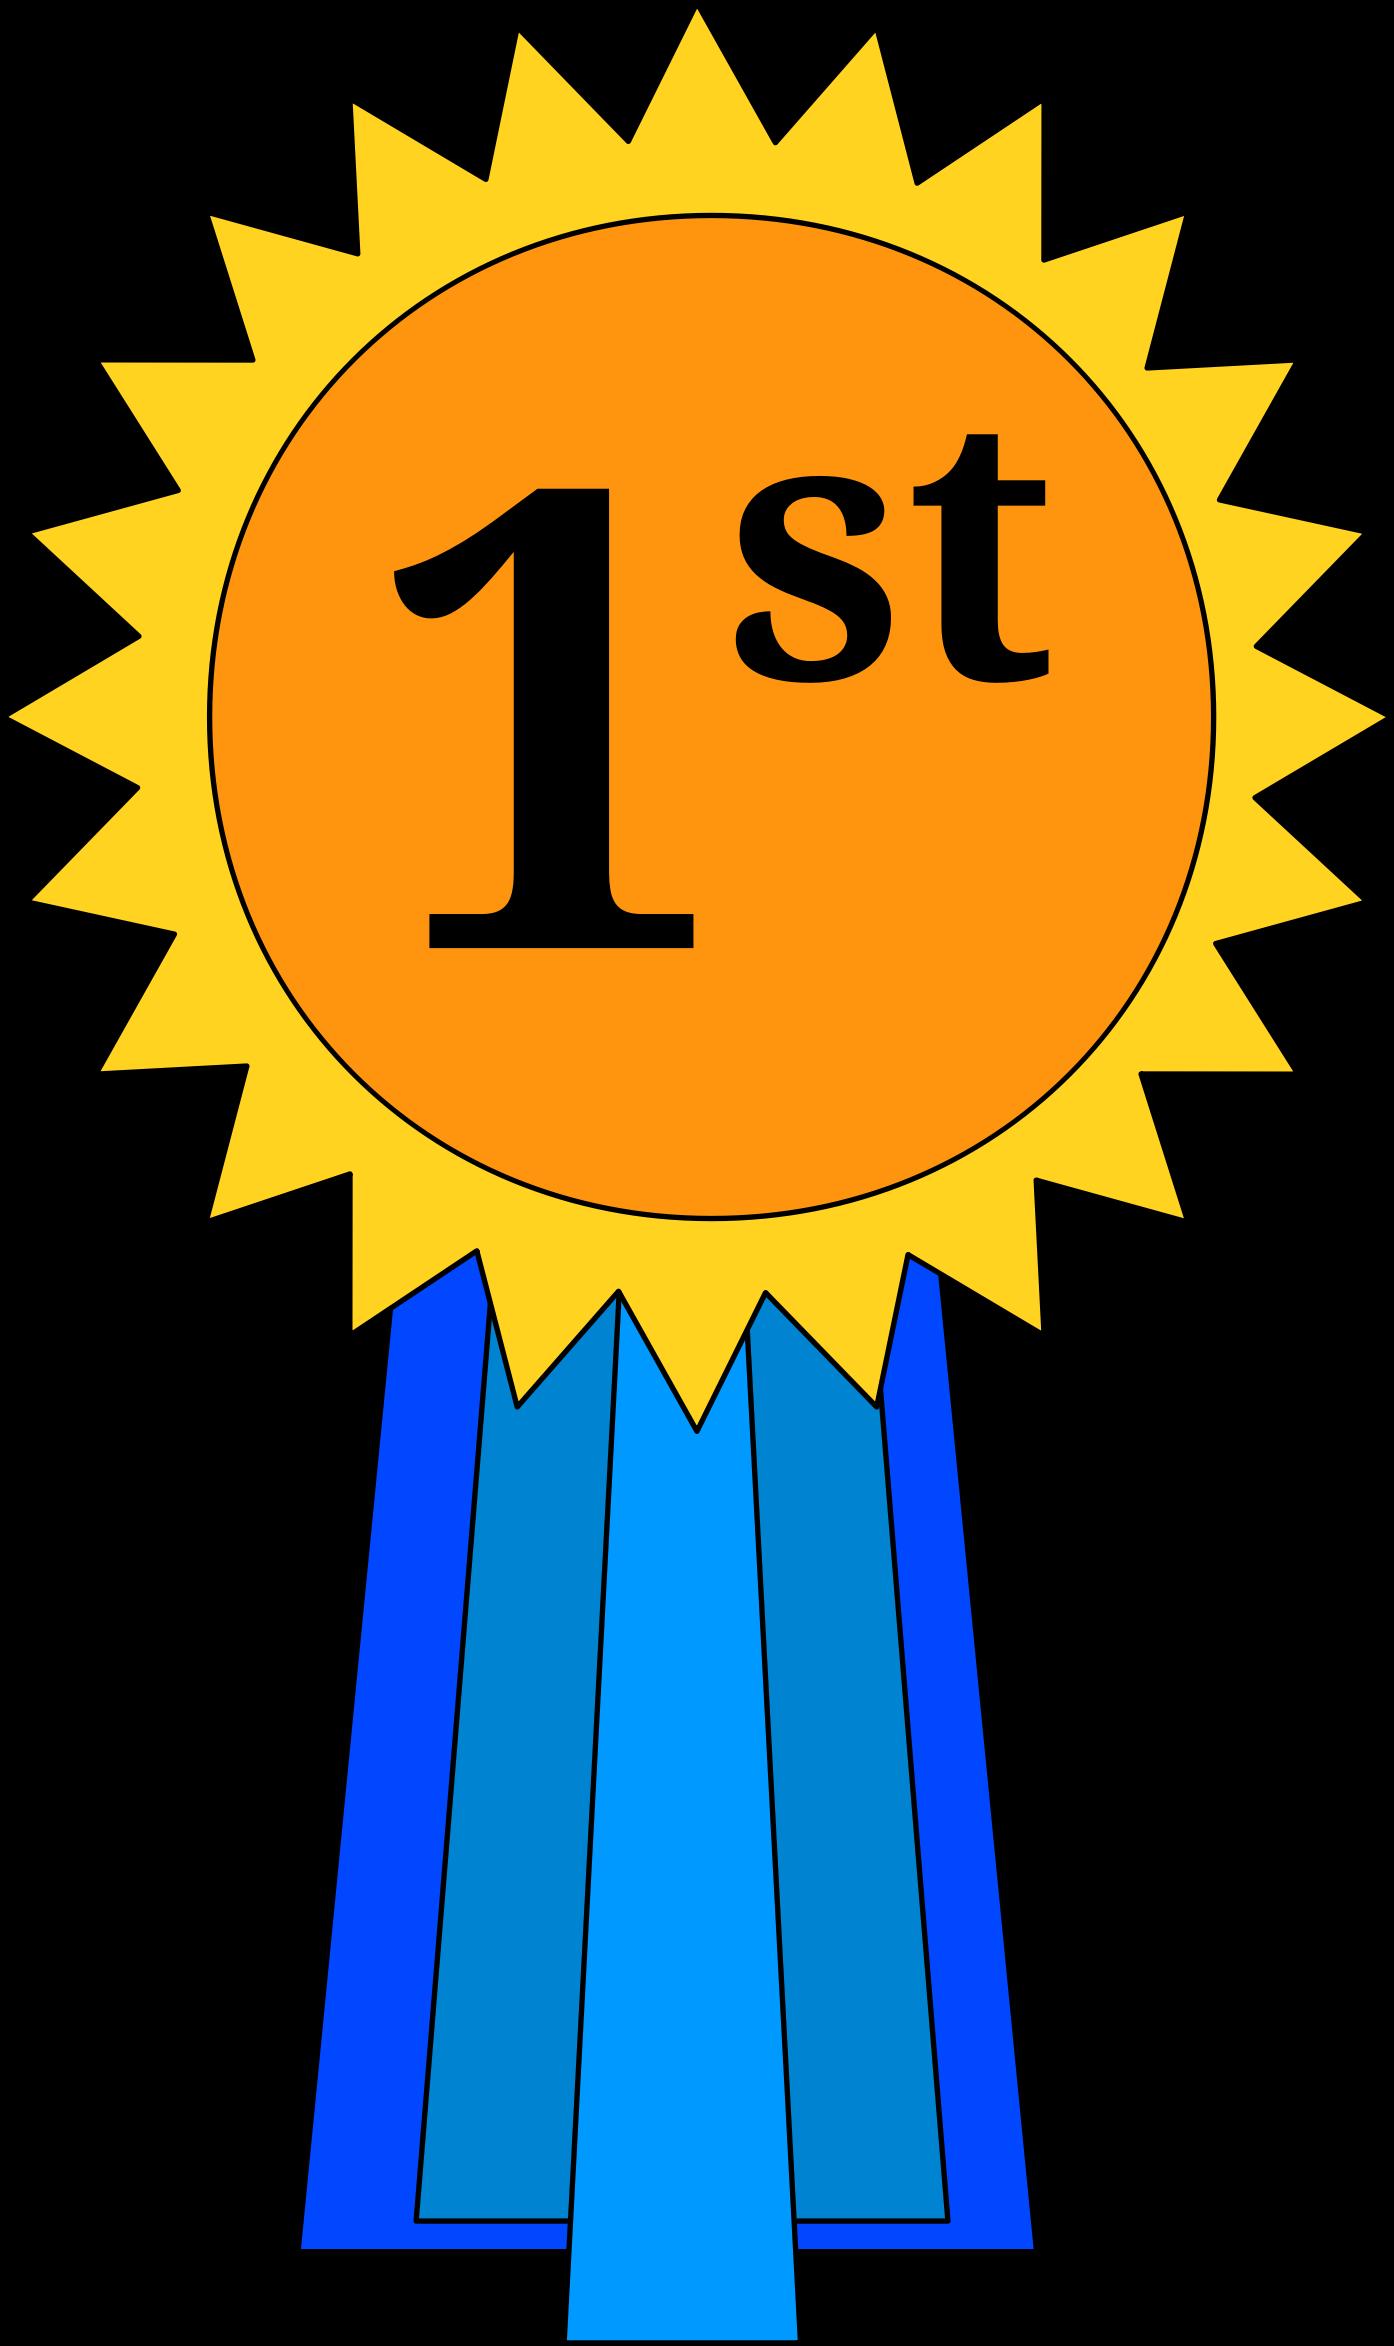 raffle clipart grand prize